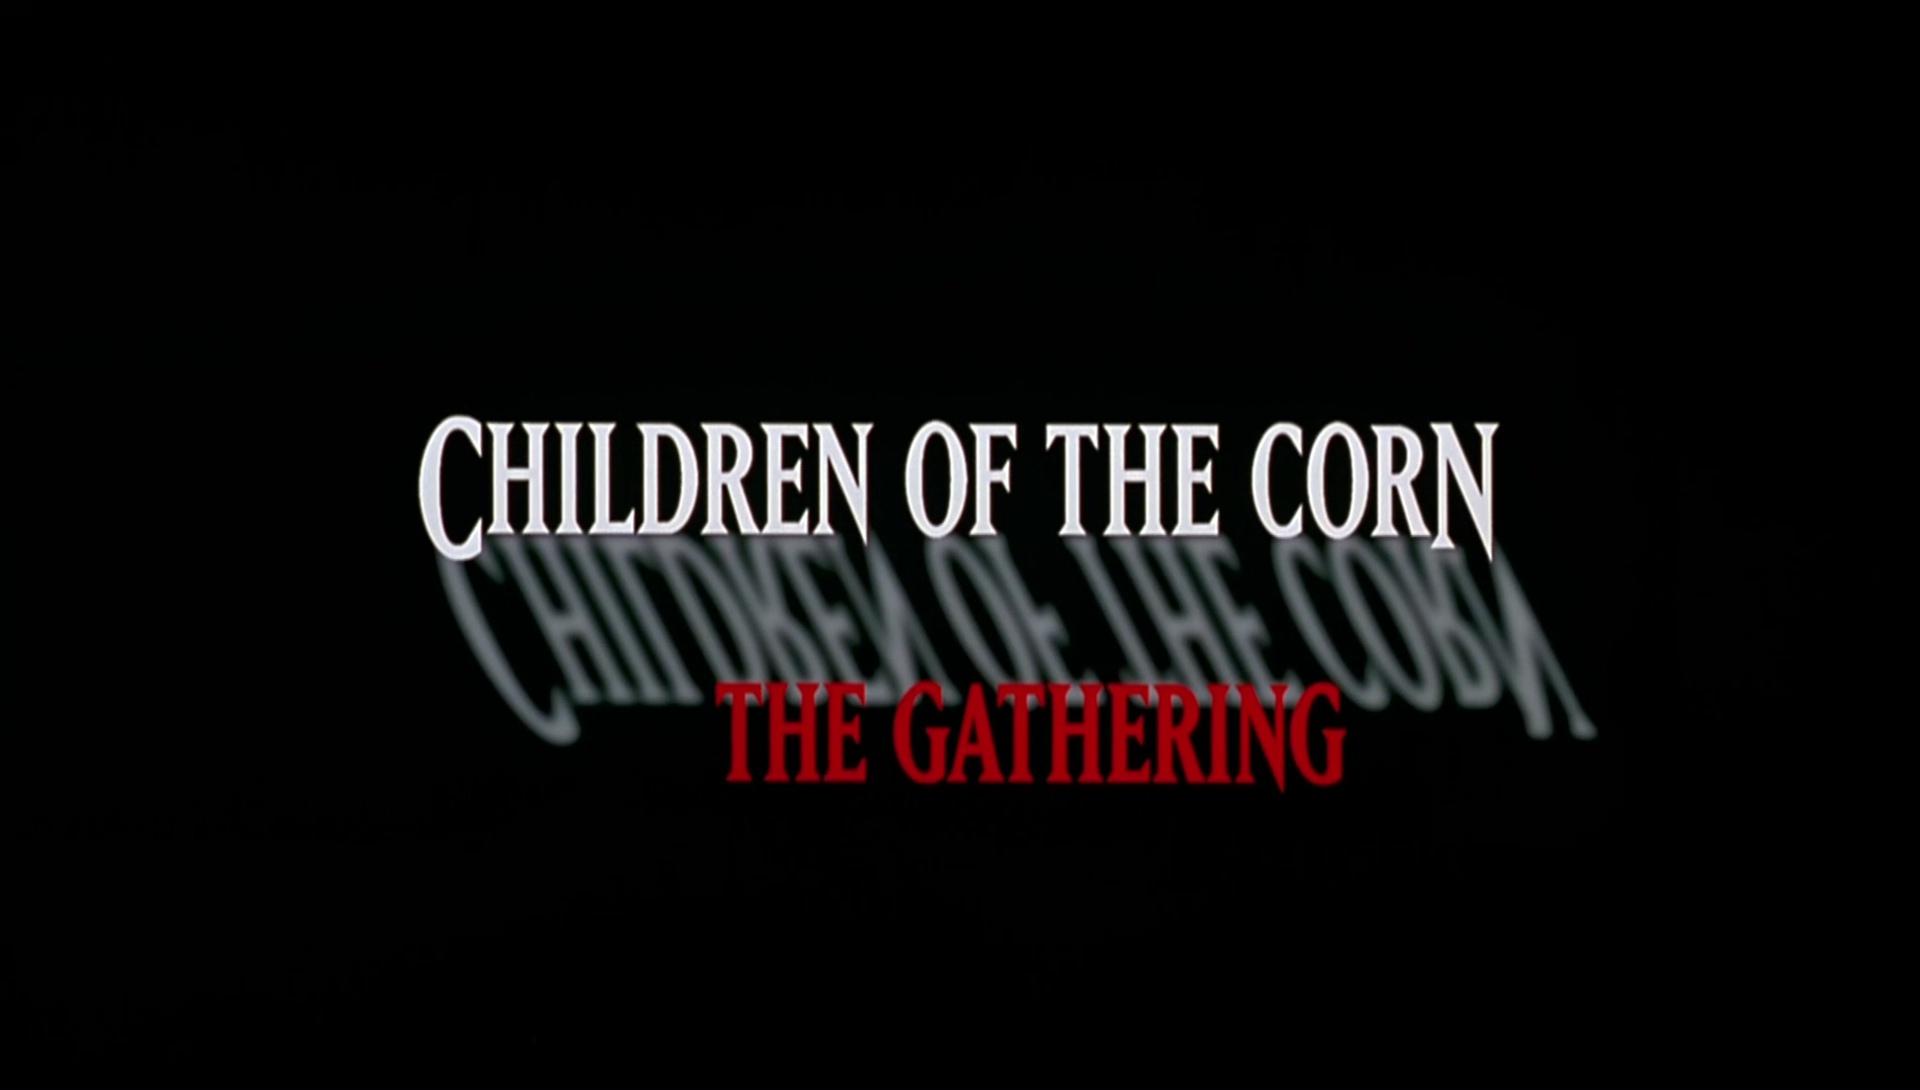 LES ENFANTS DU MAÏS 4 : LA MOISSON (Children of the Corn 4: The Gathering) de Greg Spence (1996)